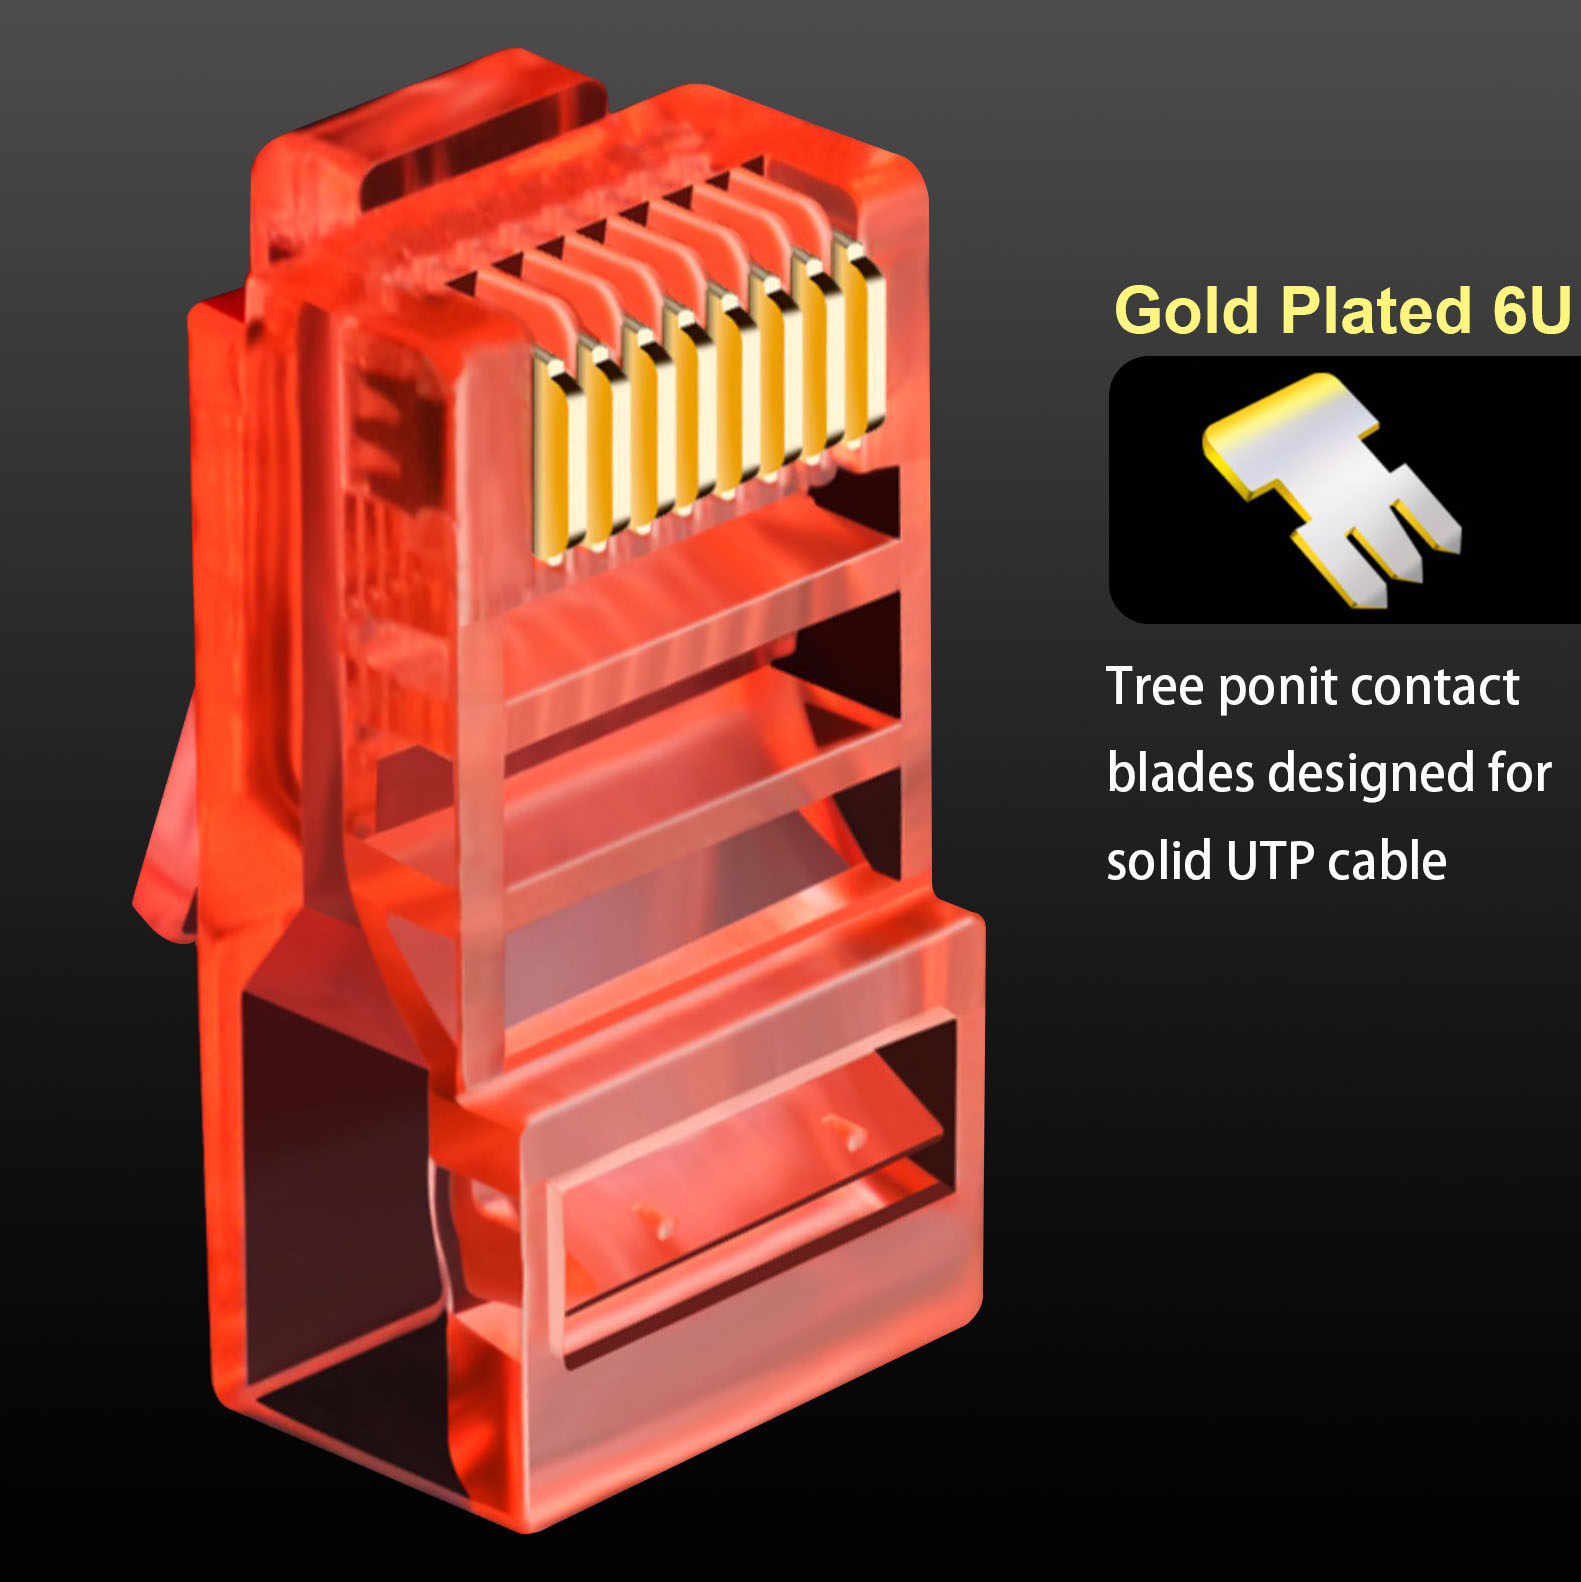 OULLX 6U RJ45 Ethernet altın kaplama Cat5e Jack UTP modülü tak ağ bağlantısı RJ-45 kristal kafa Cat5 çok renkli kablo